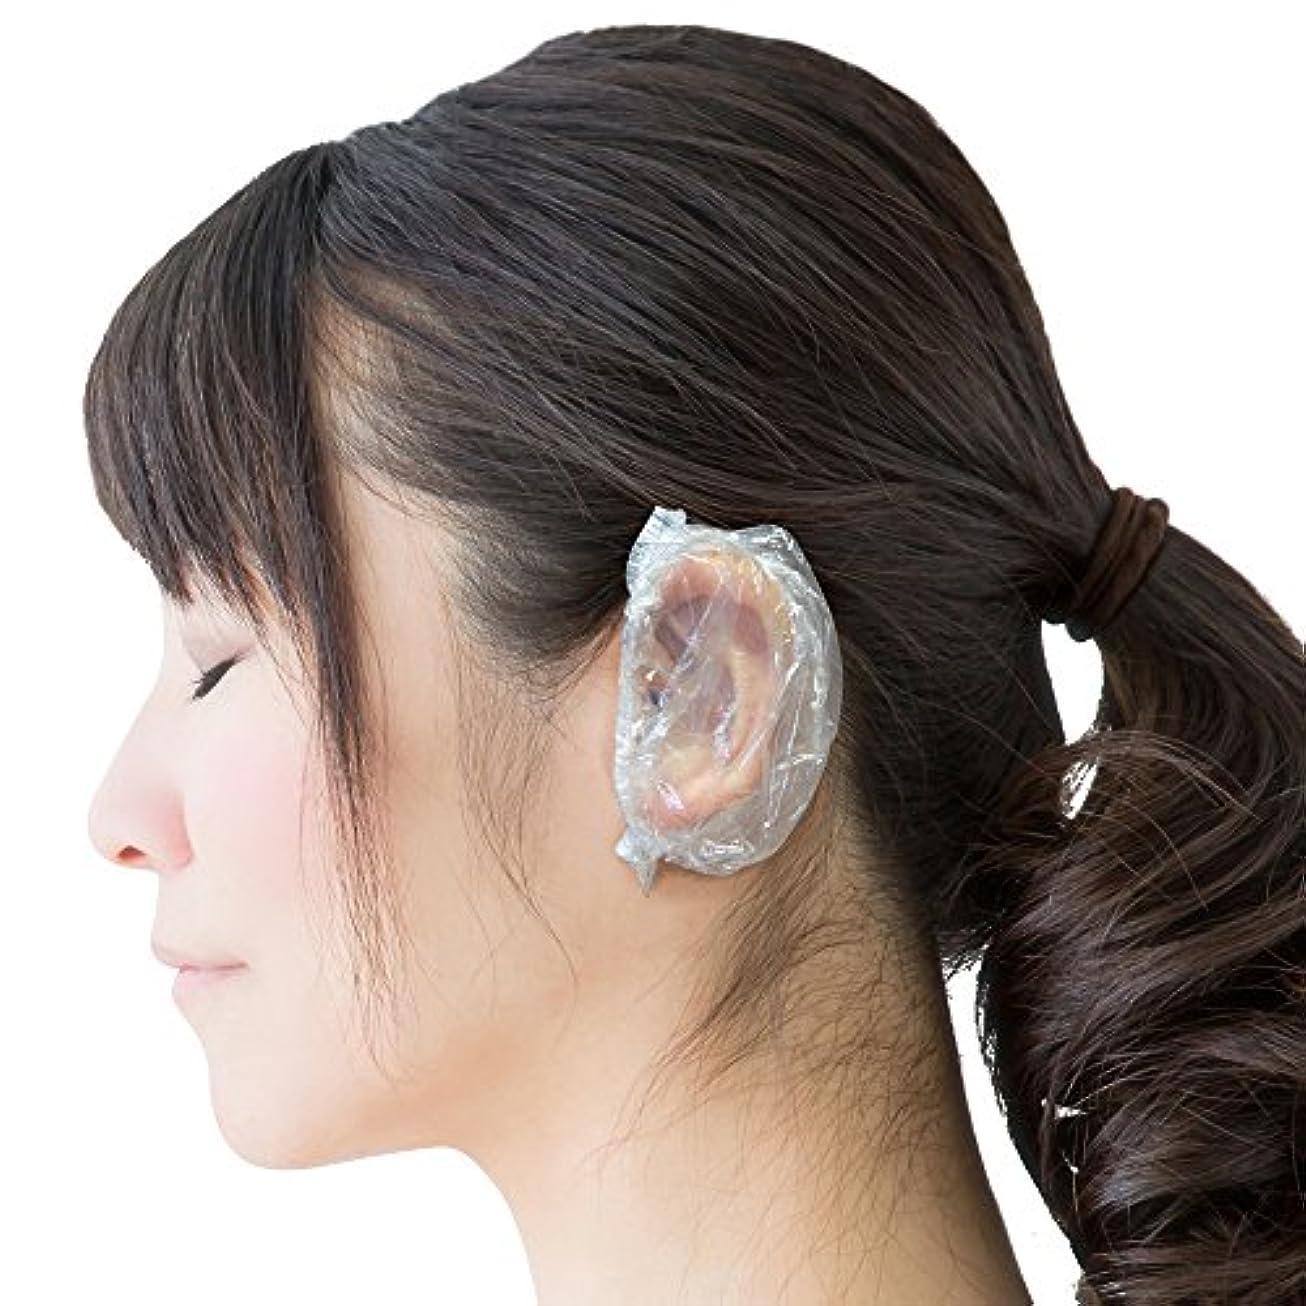 豚肉王子シリーズ【Fiveten】 耳キャップ イヤーキャップ 耳カバー 毛染め 使い捨て 100個